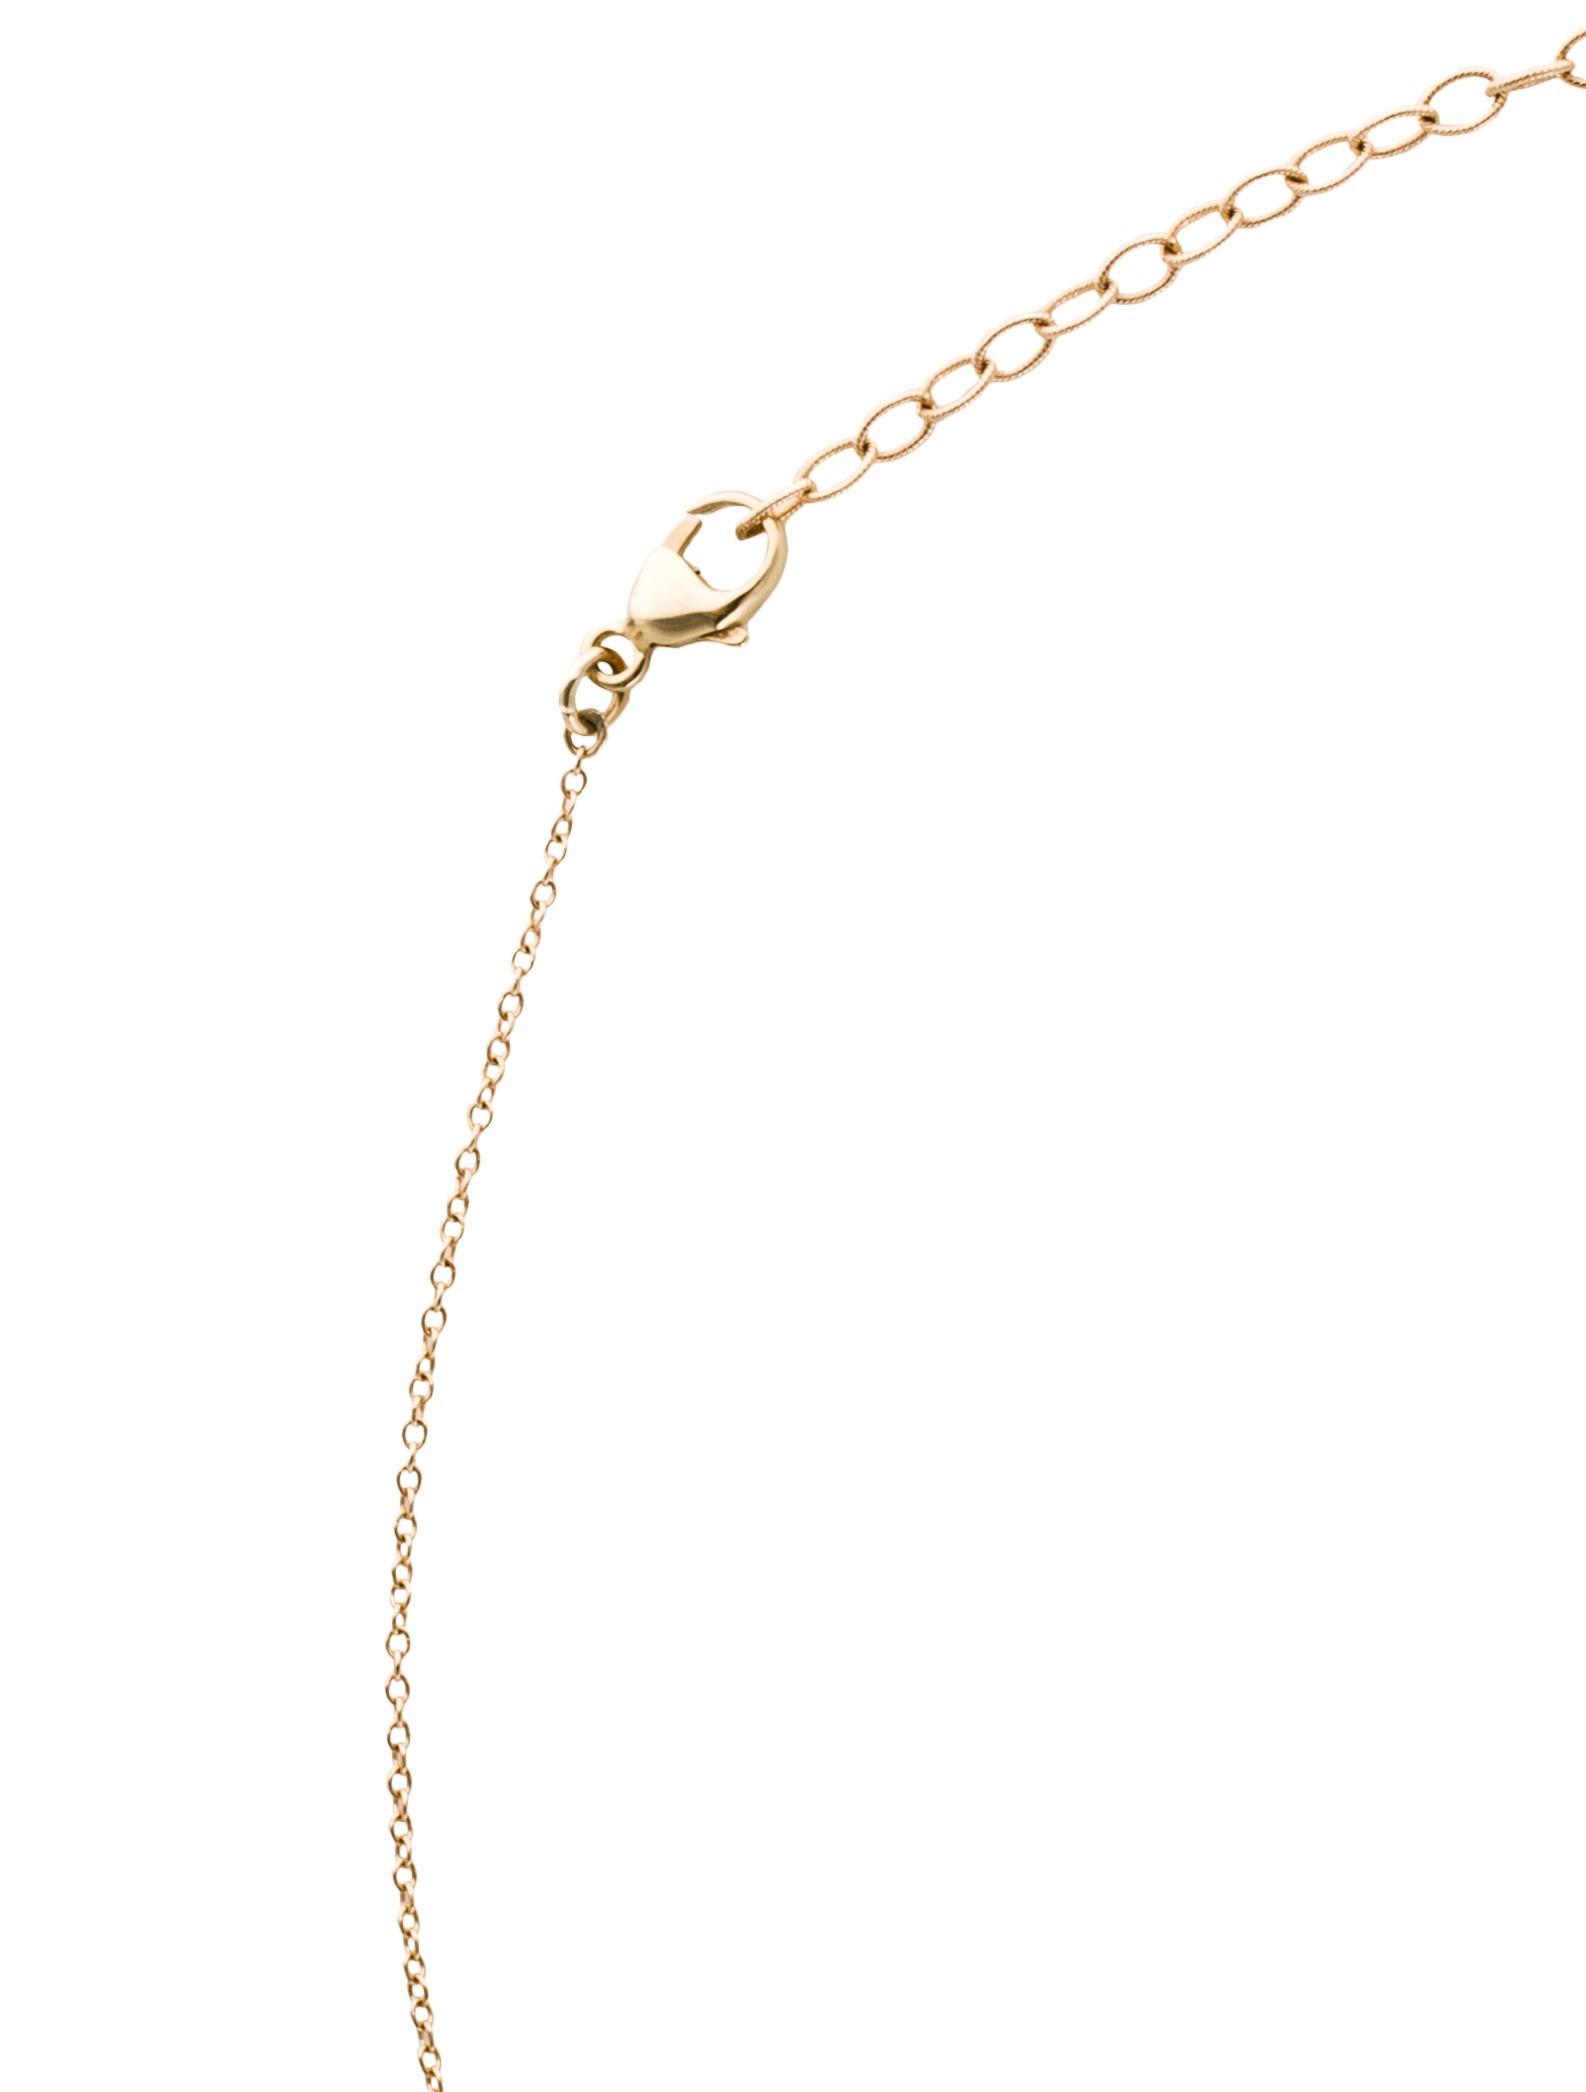 Diamond Body Jewelry  Jacquie Aiche Diamond Body Chain Body Jewelry